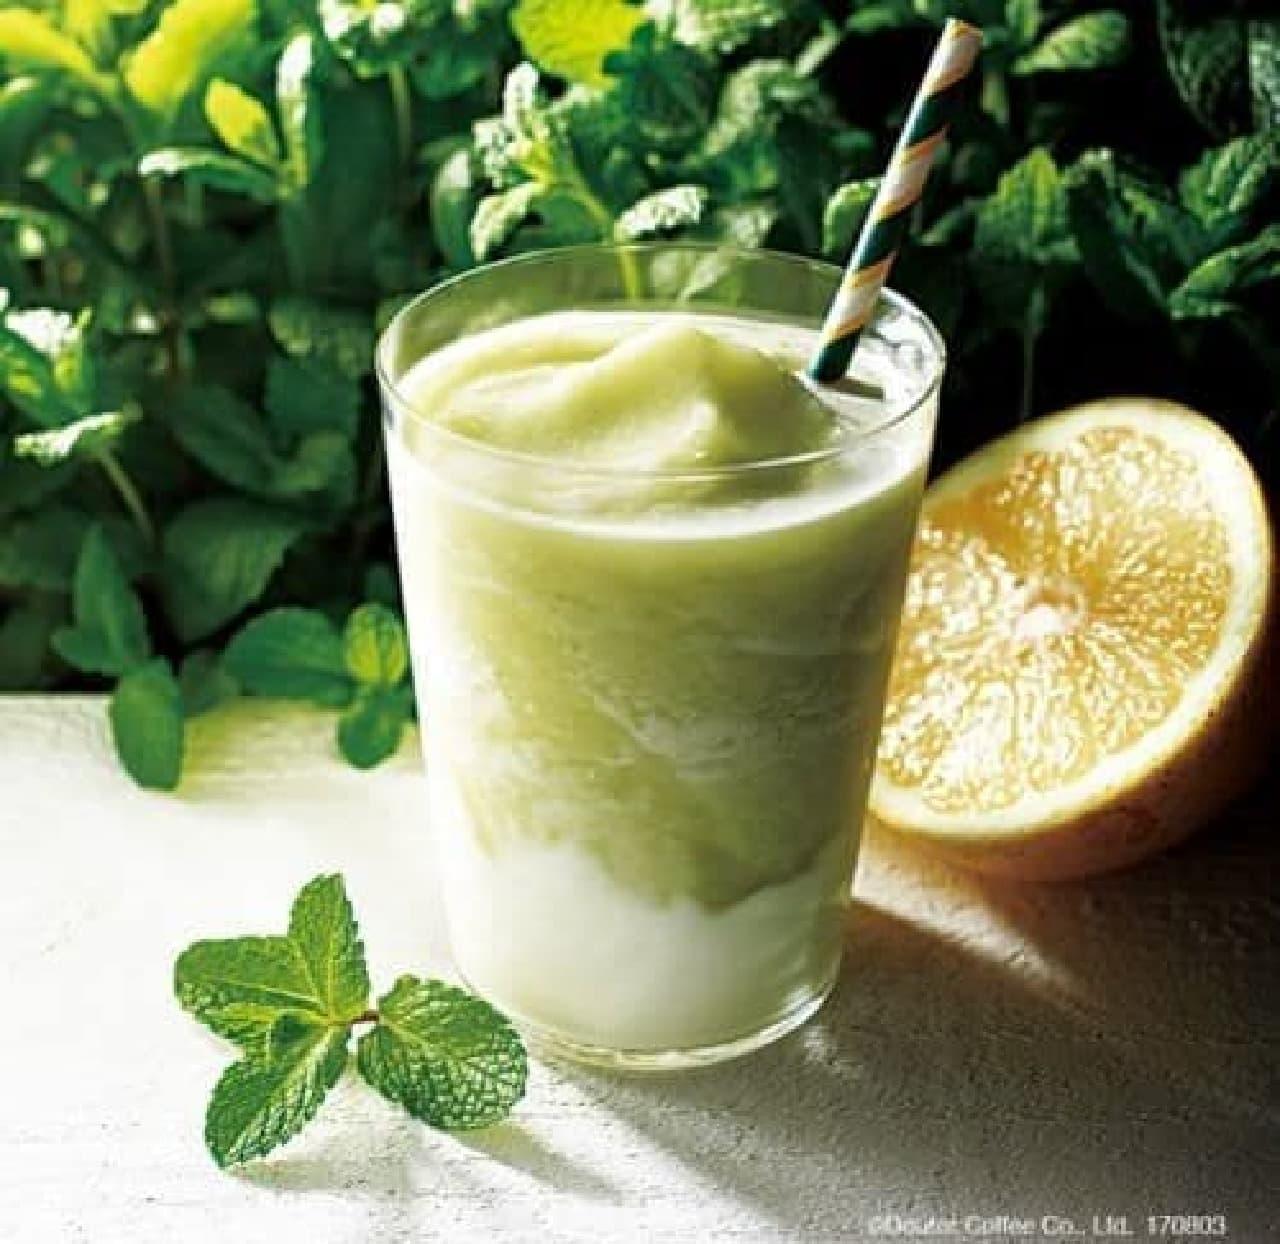 「国産ミントとグレープフルーツ&ヨーグルト」は国産のミントと100%グレープフルーツジュースをあわせたフローズンドリンク